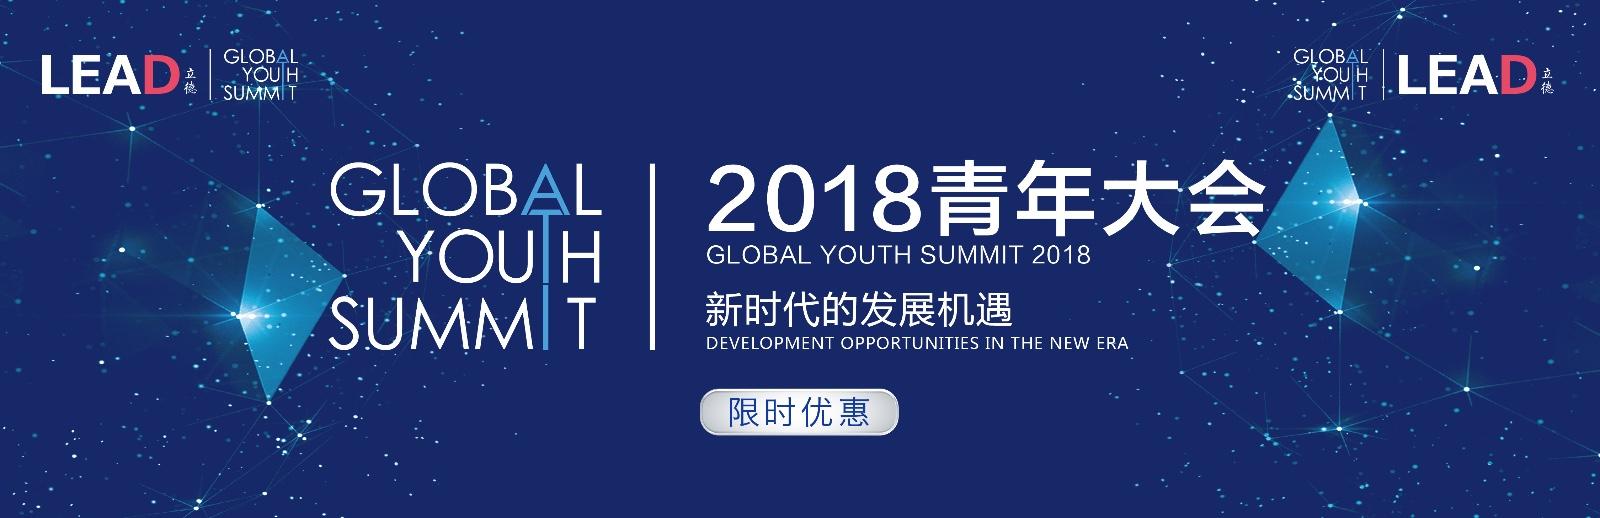 2018立德创业营暨青年大会(Youth